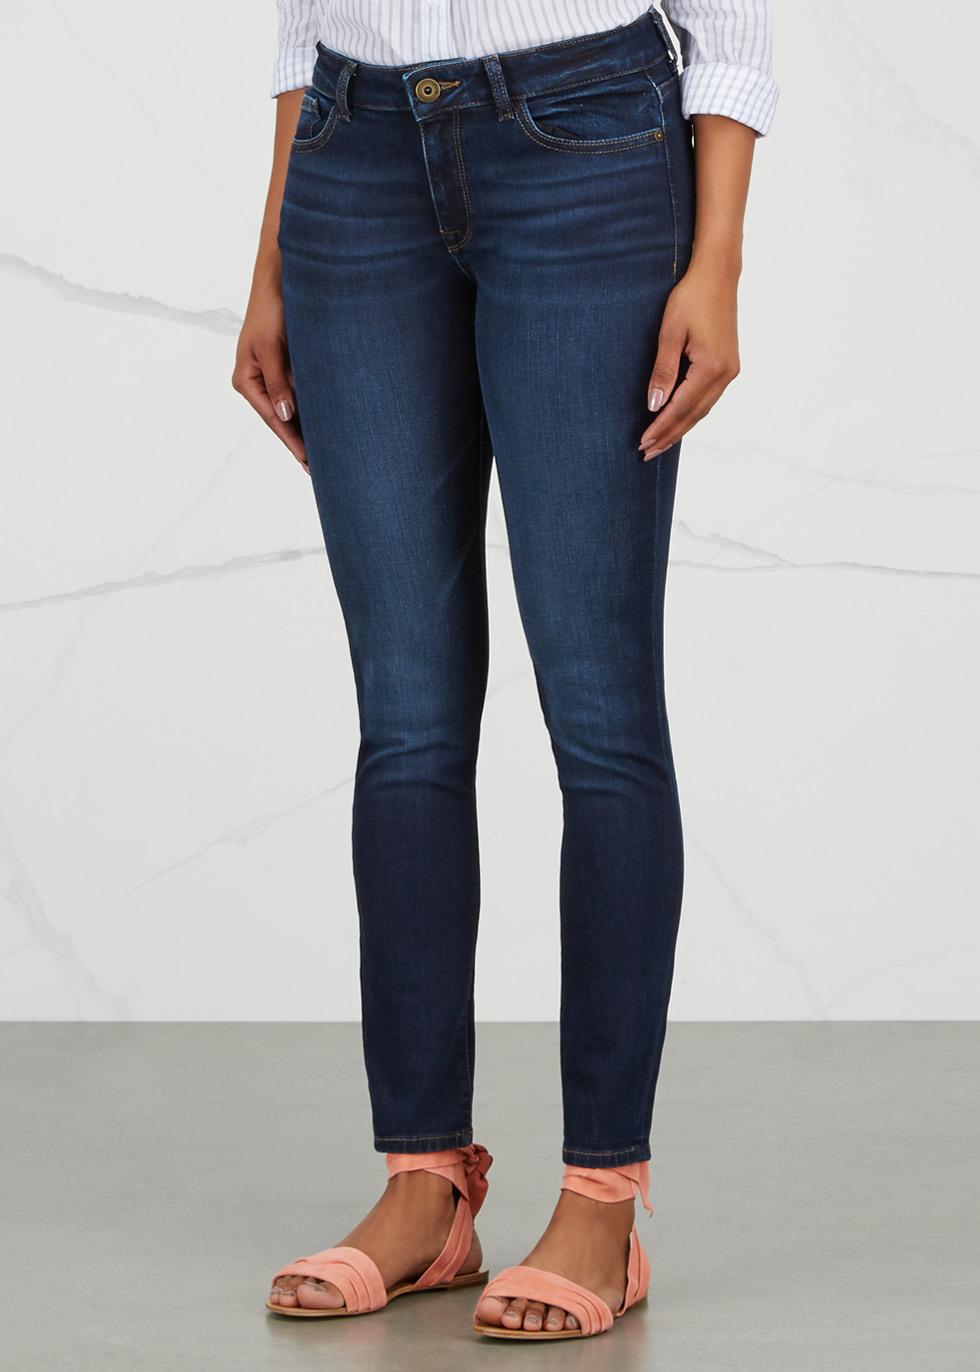 Florence Instasculpt dark blue skinny jeans - DL1961